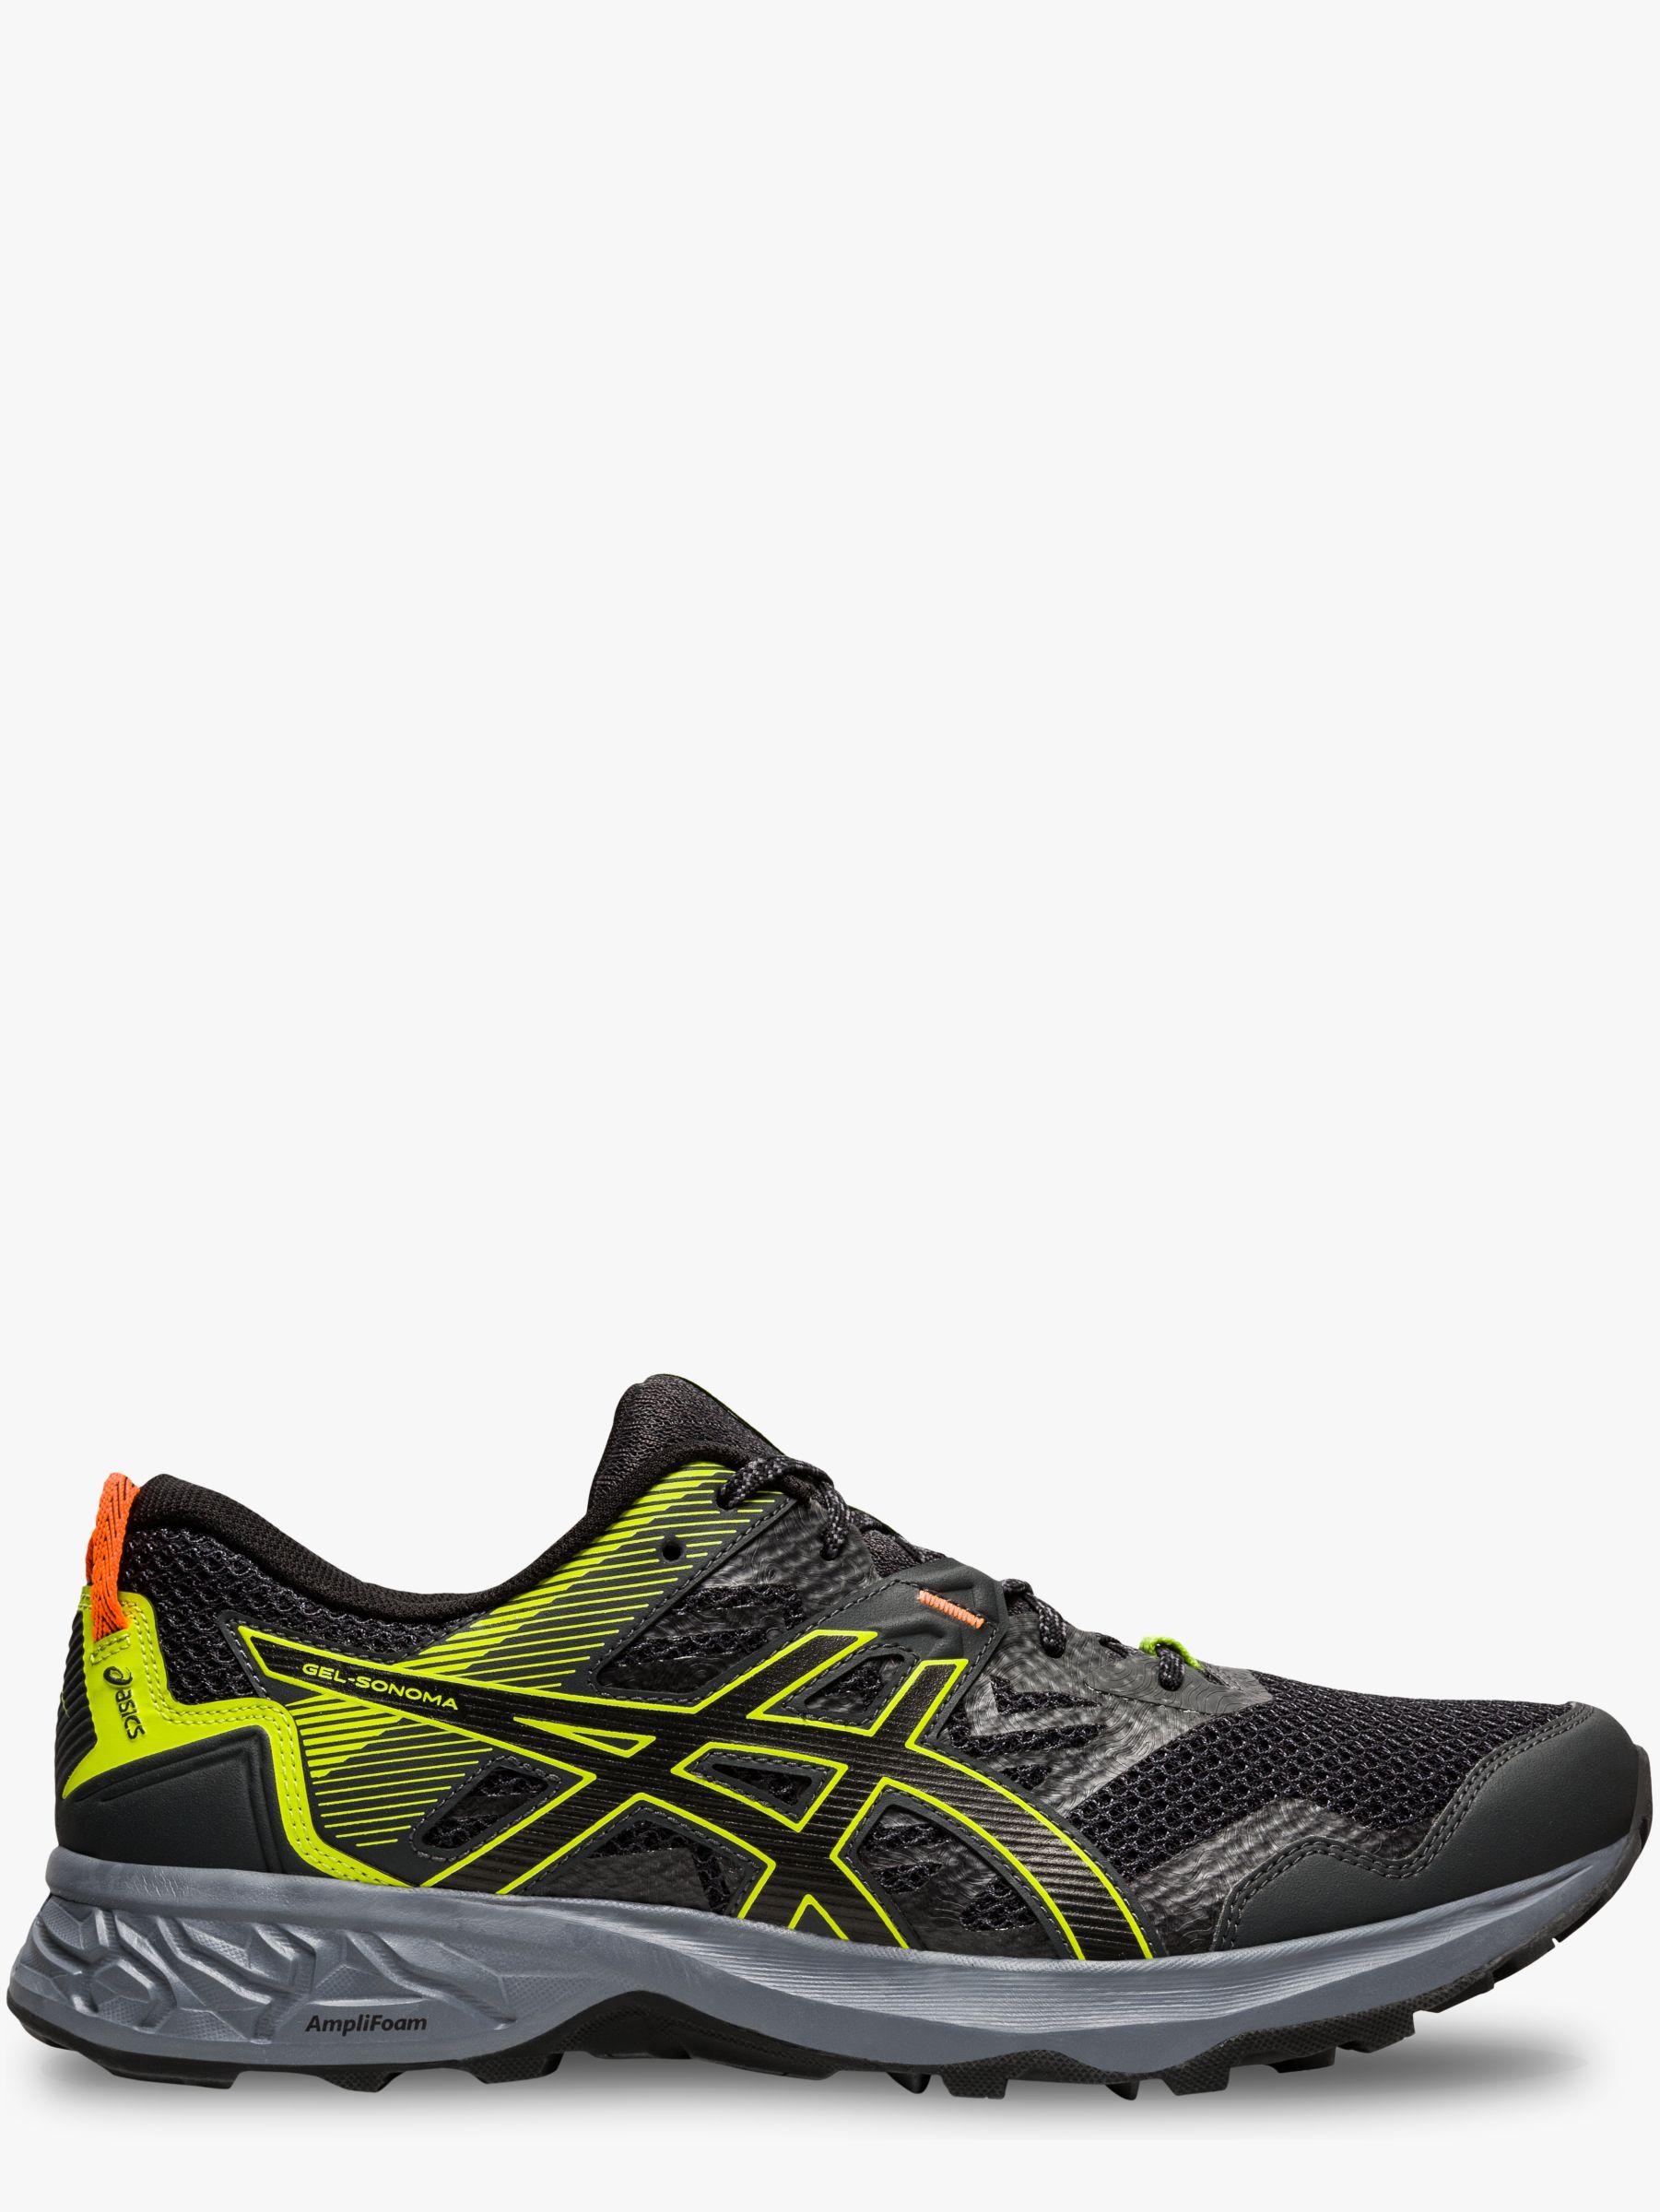 ASICS ASICS GEL-SONOMA 5 Men's Trail Running Shoes, Graphite Grey/Black